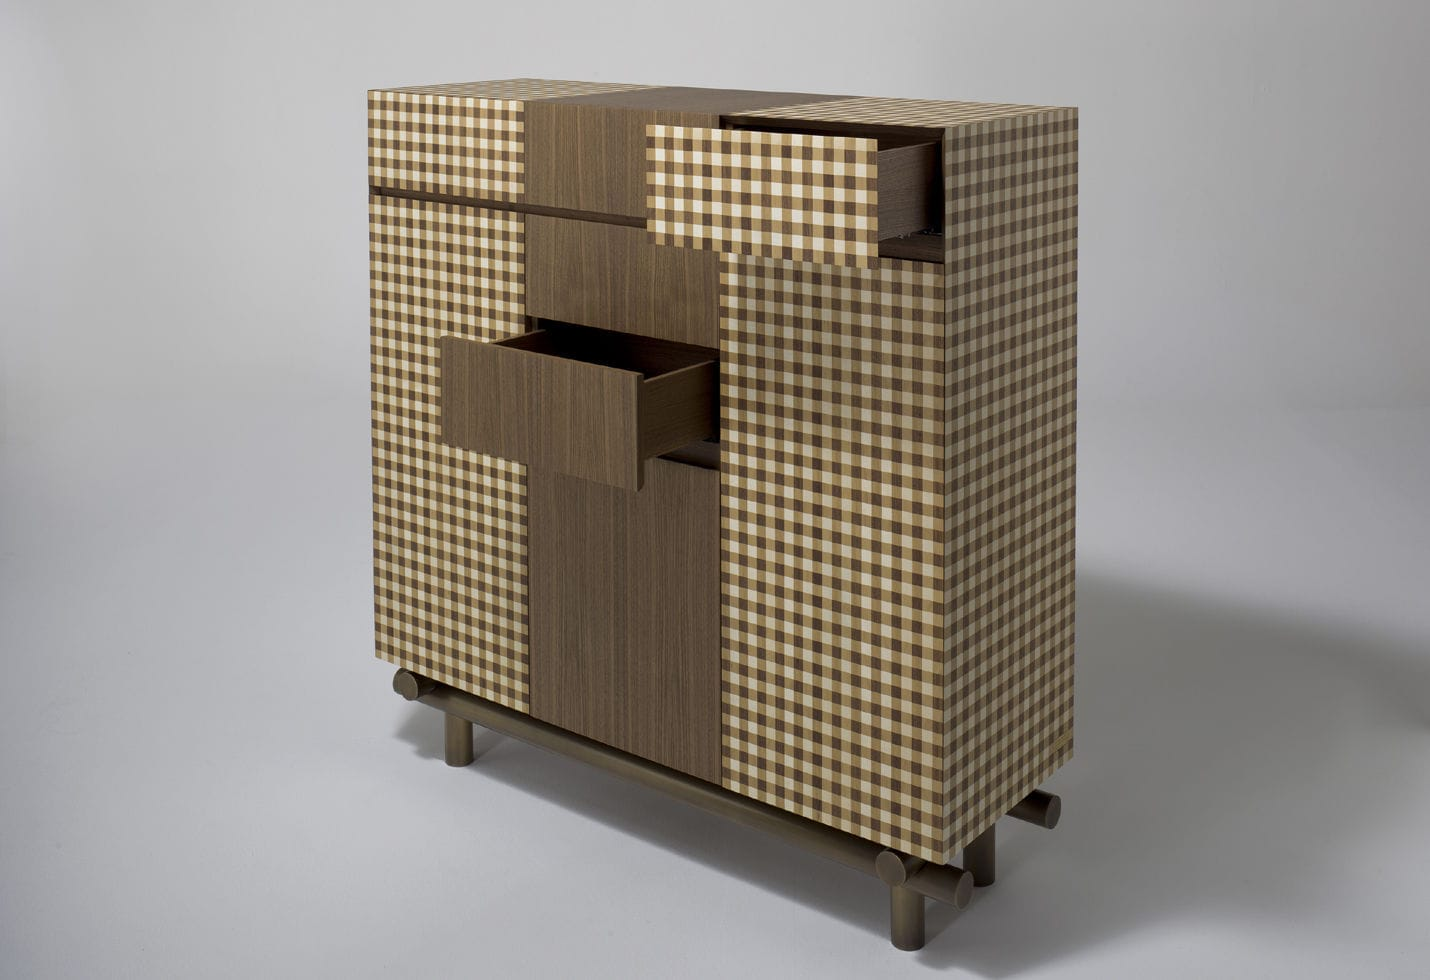 Credenza Alta Rustica : Credenza alta classica in legno di ferruccio laviani